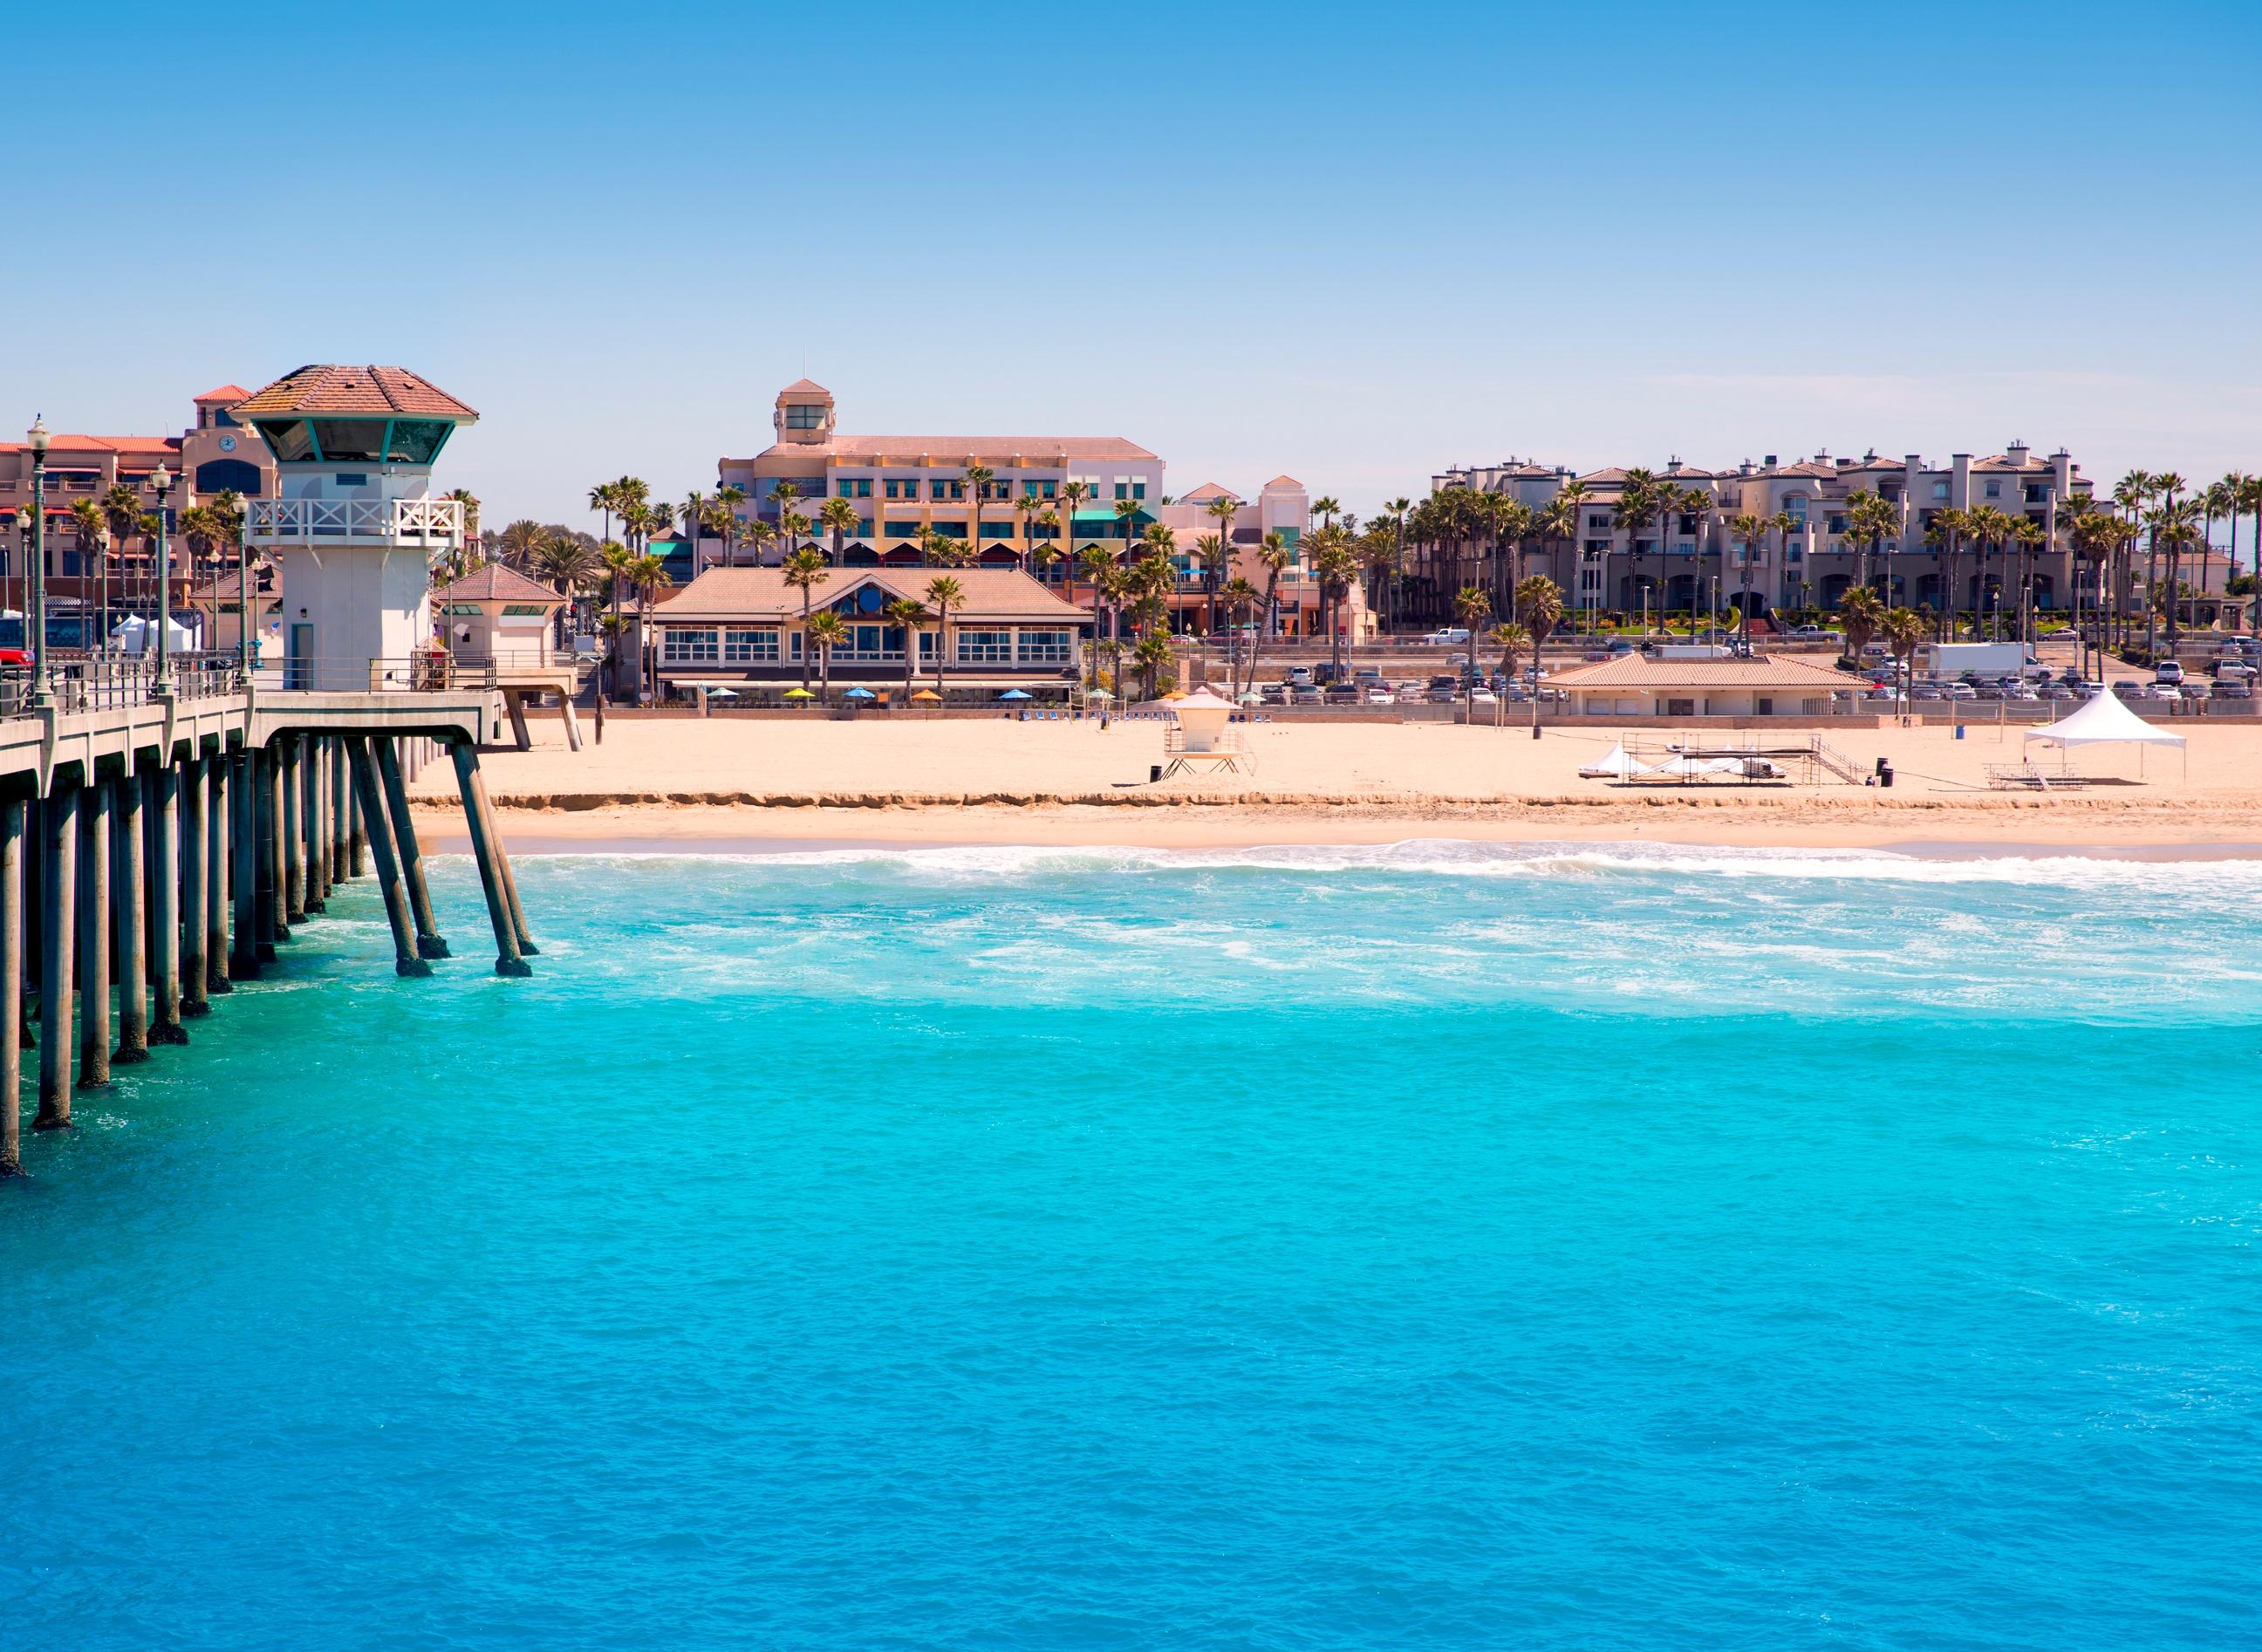 Huntington_Beach-1.jpg